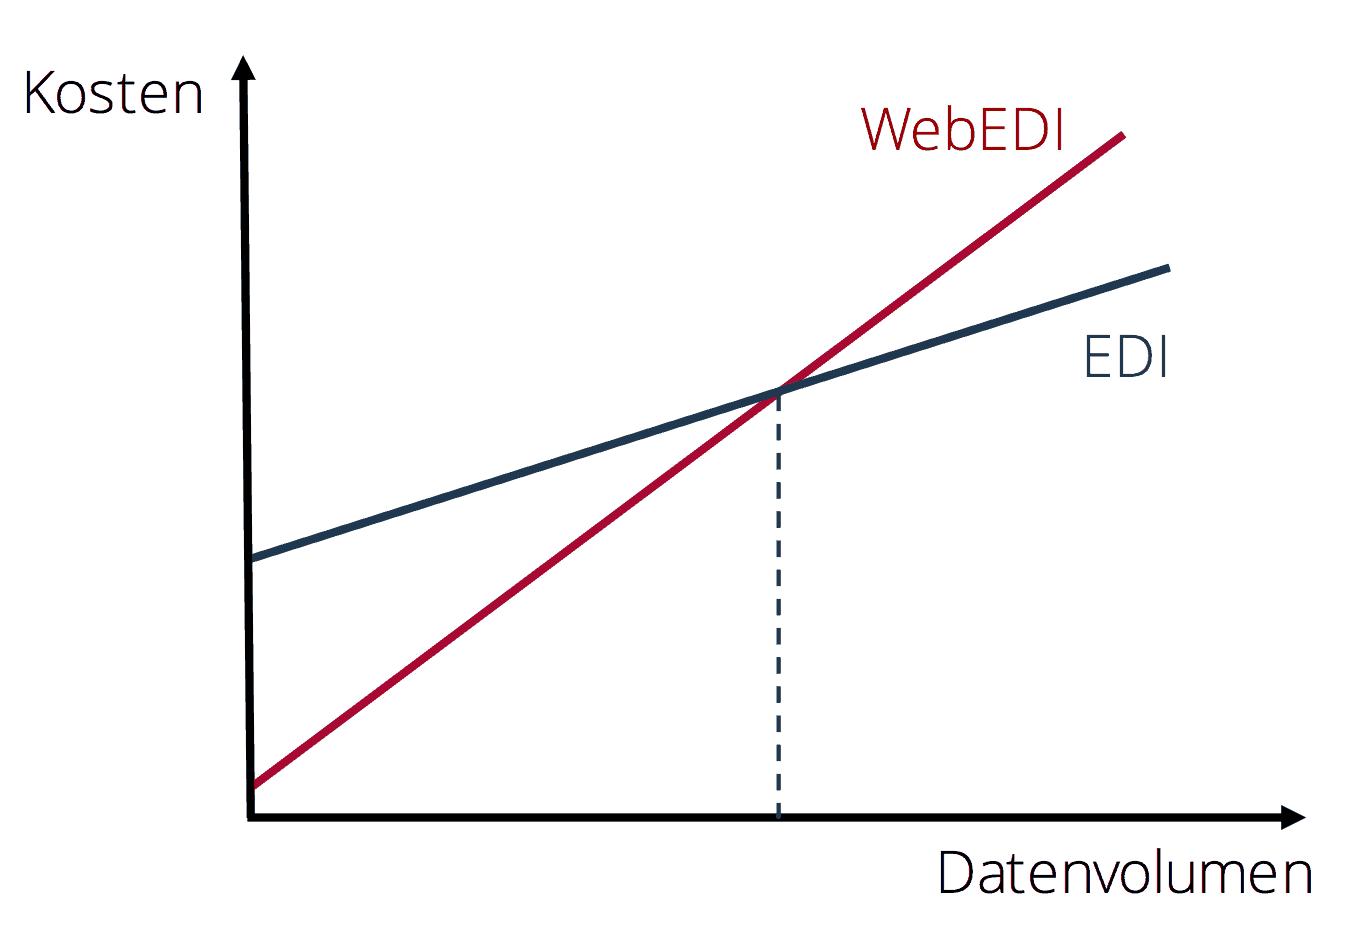 WebEDI vs. EDI